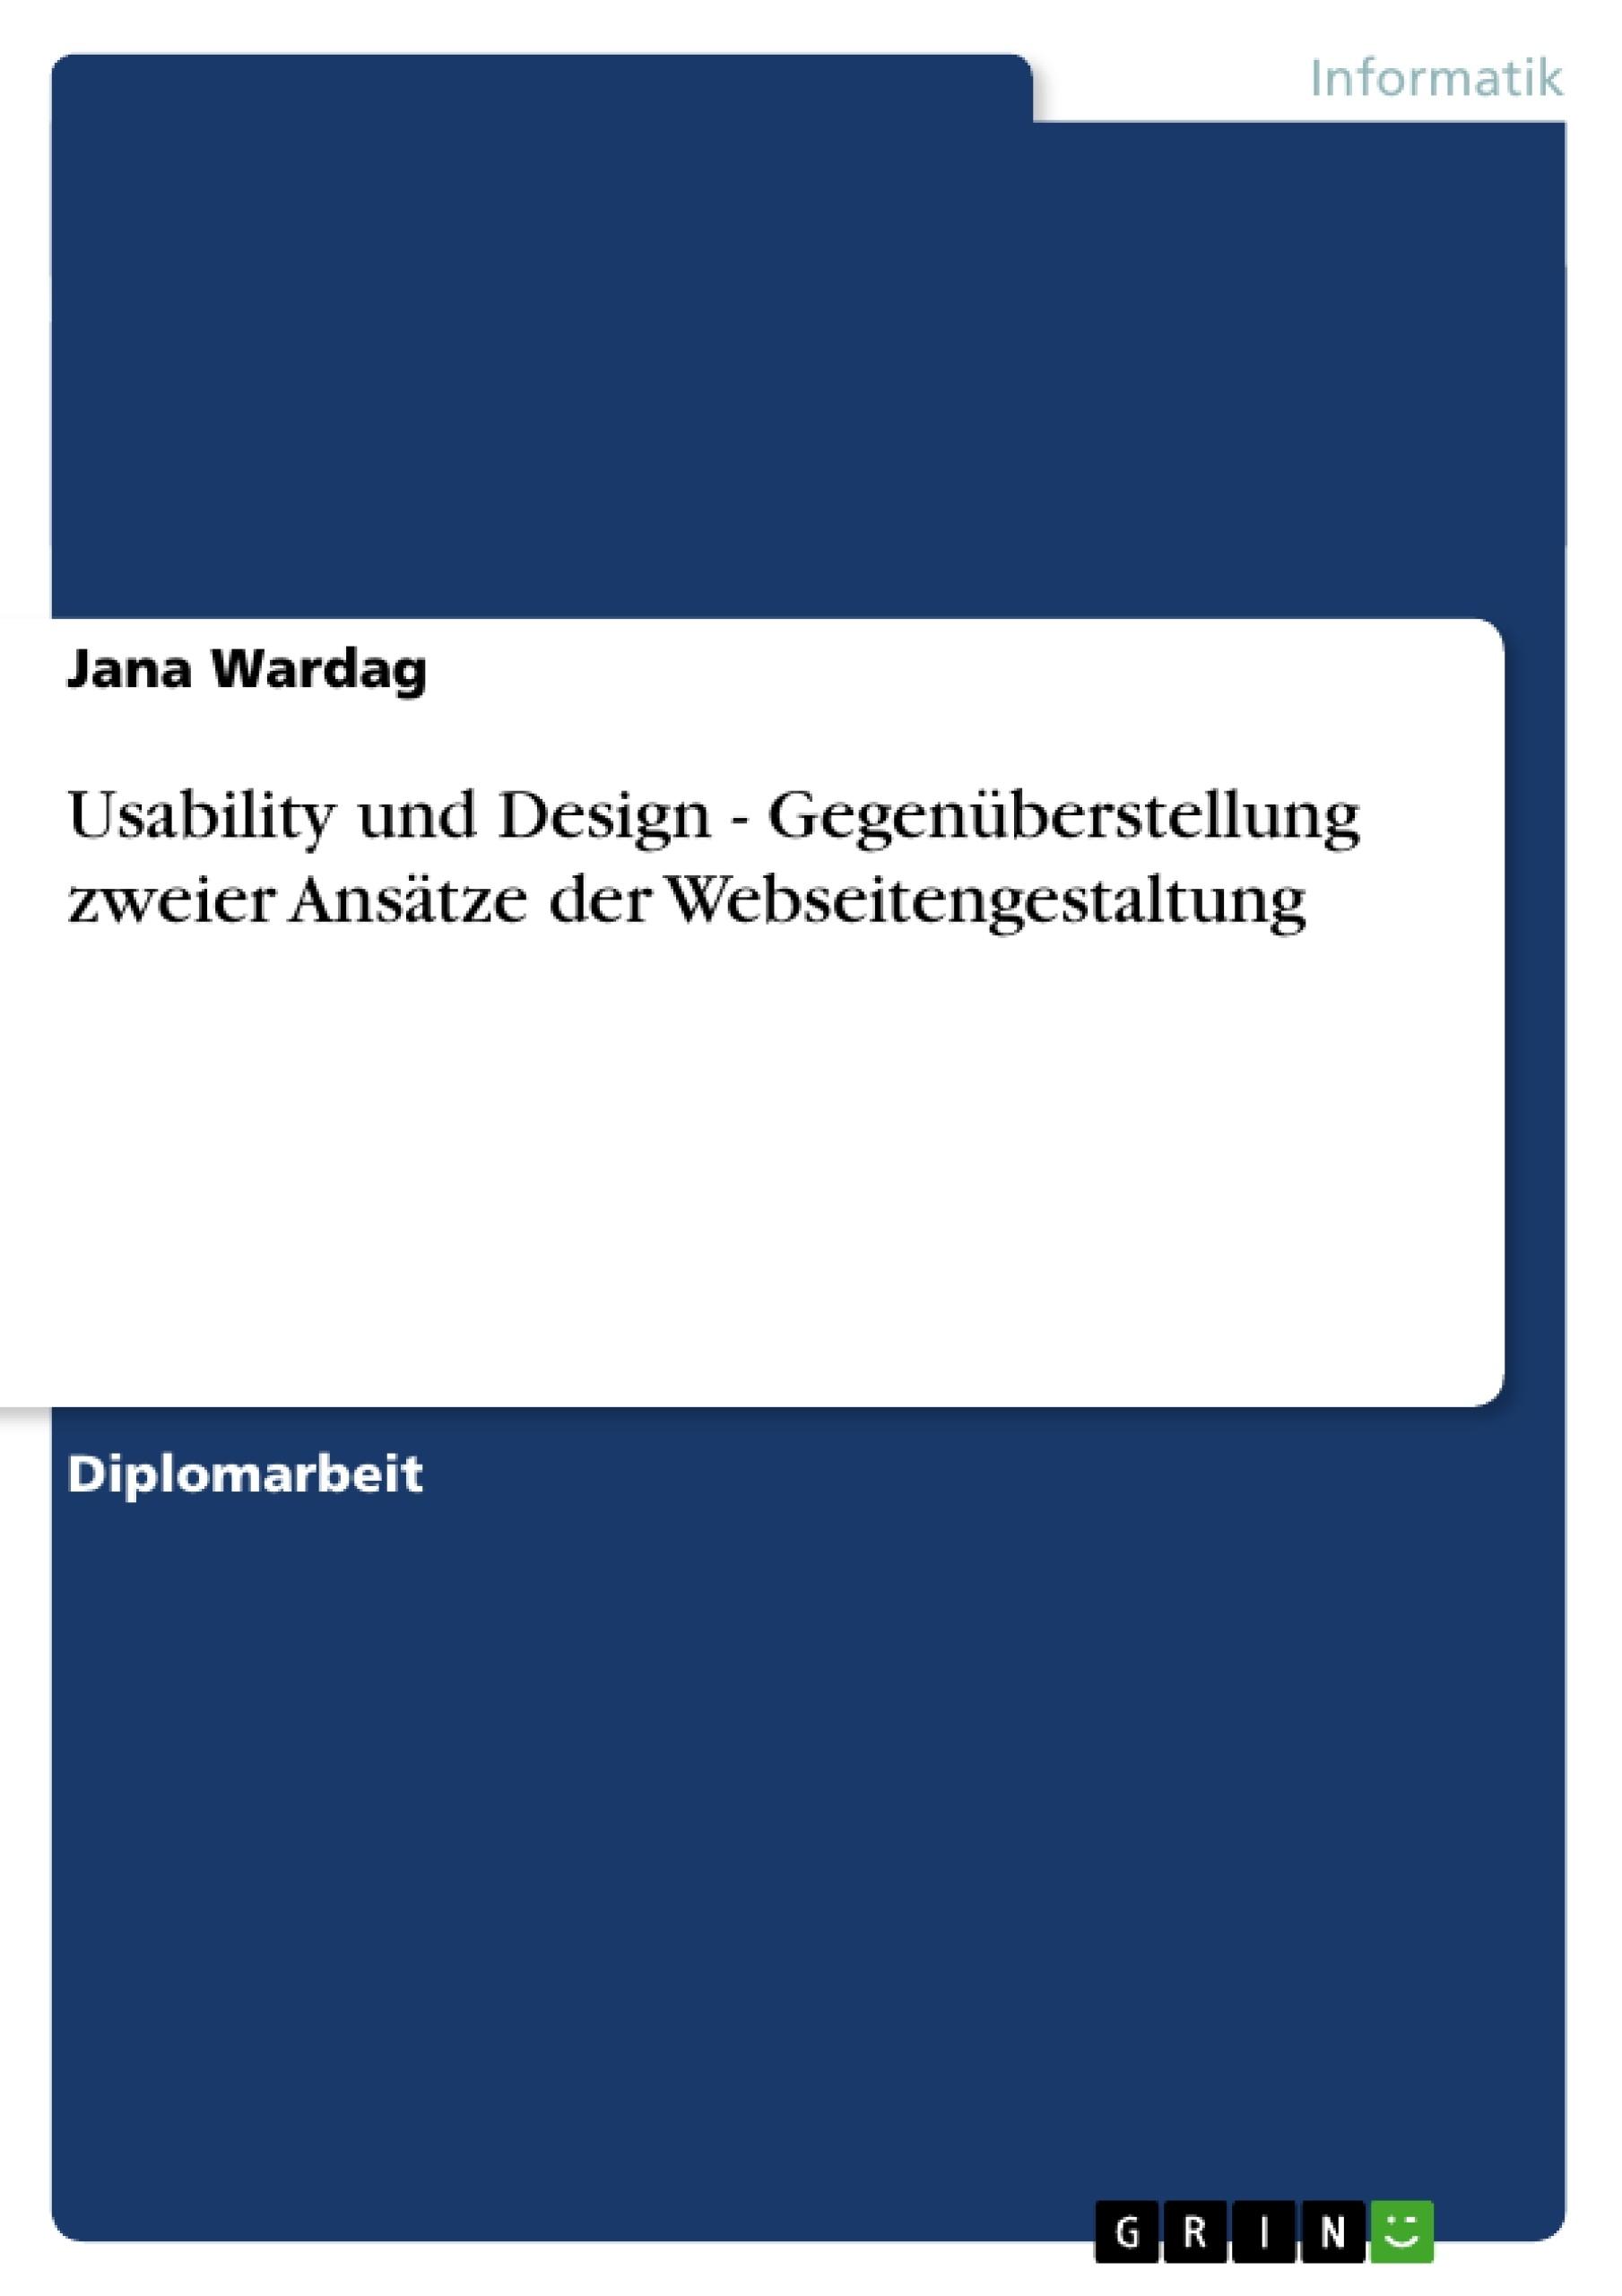 Titel: Usability und Design - Gegenüberstellung zweier Ansätze der Webseitengestaltung